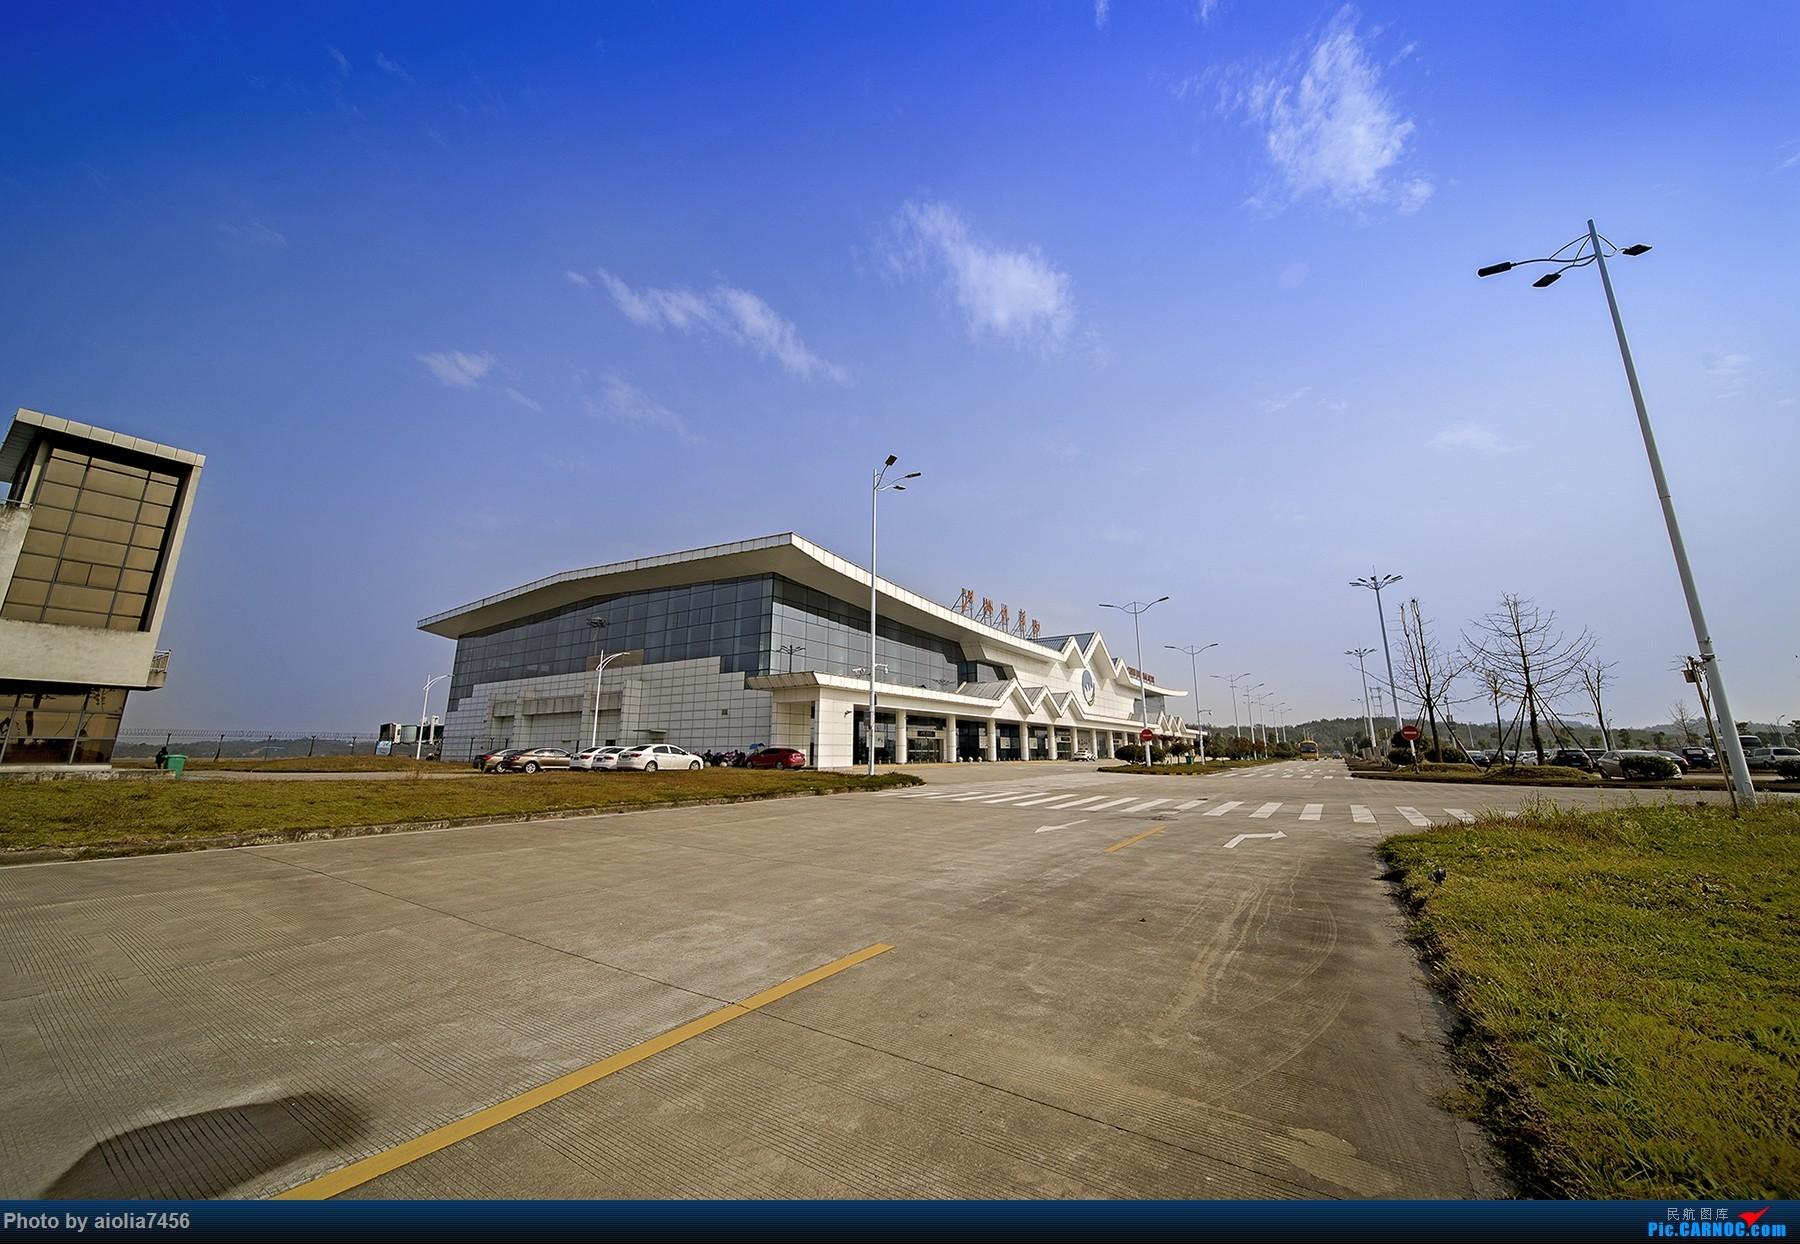 Re:[原创]【霸都打机队】换了机器后的第一帖-安徽小机场之旅    中国池州九华山机场